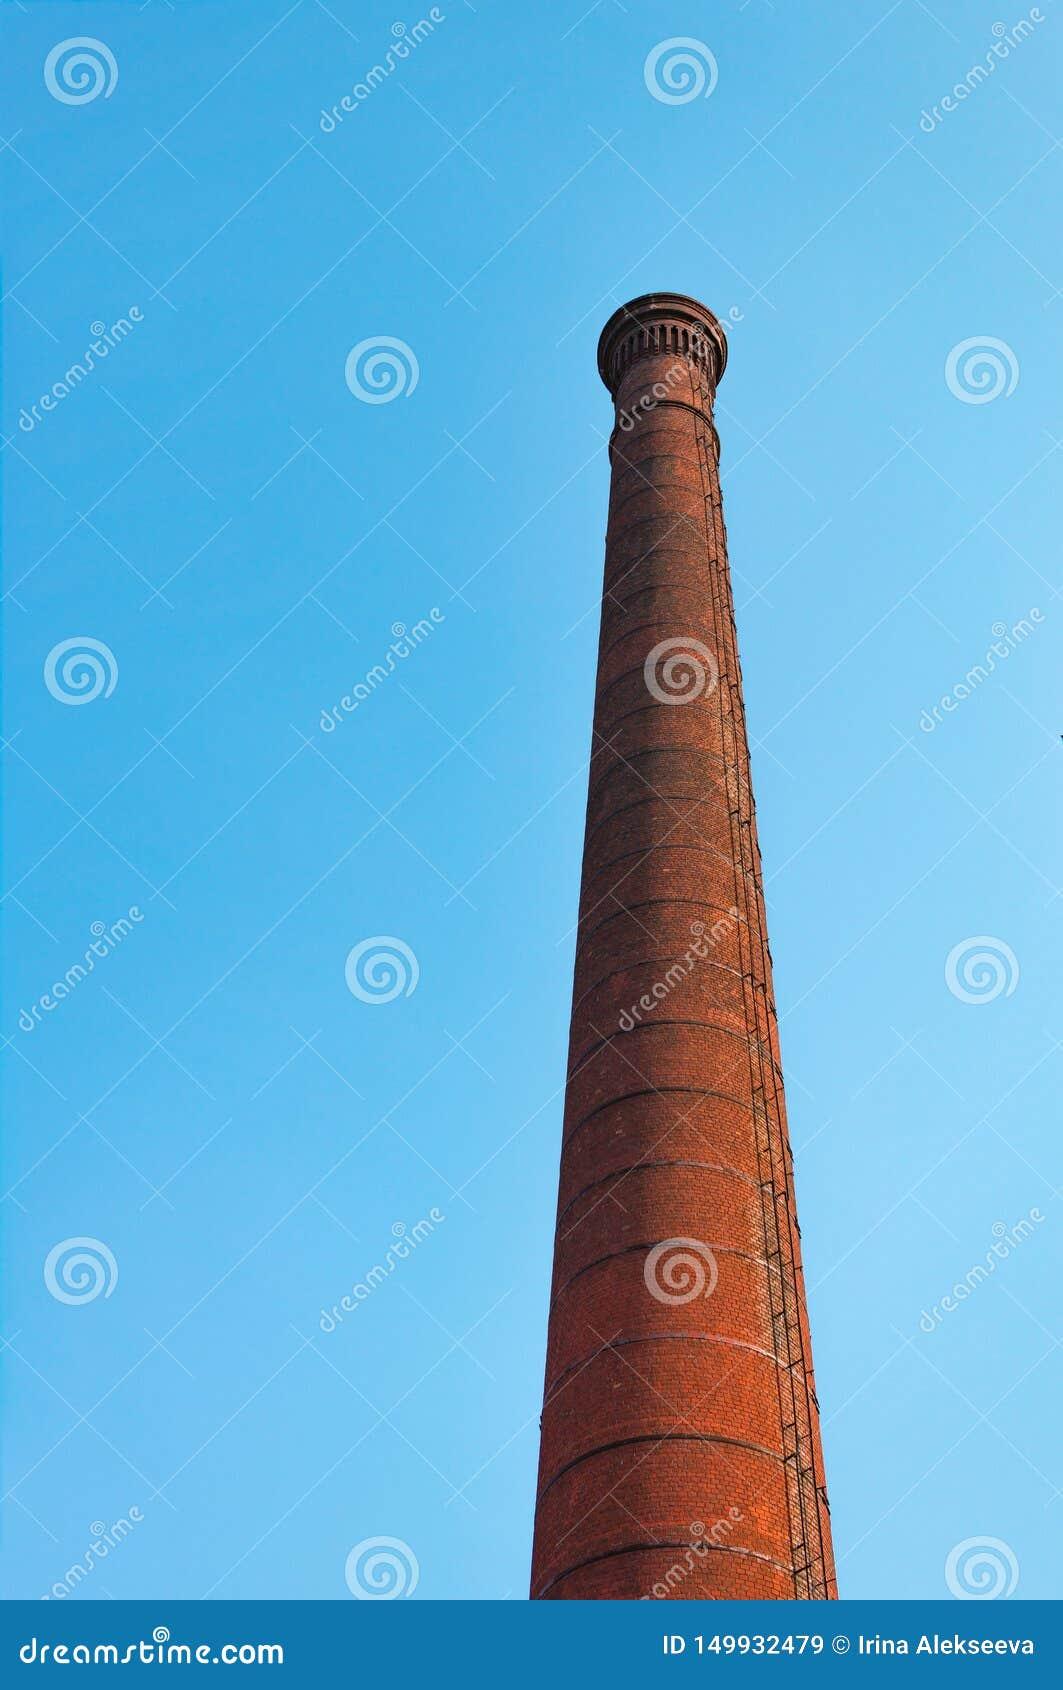 Tubo della fabbrica del mattone rosso contro cielo blu Il concetto di inquinamento ambientale dalle emissioni nocive nell atmosfe